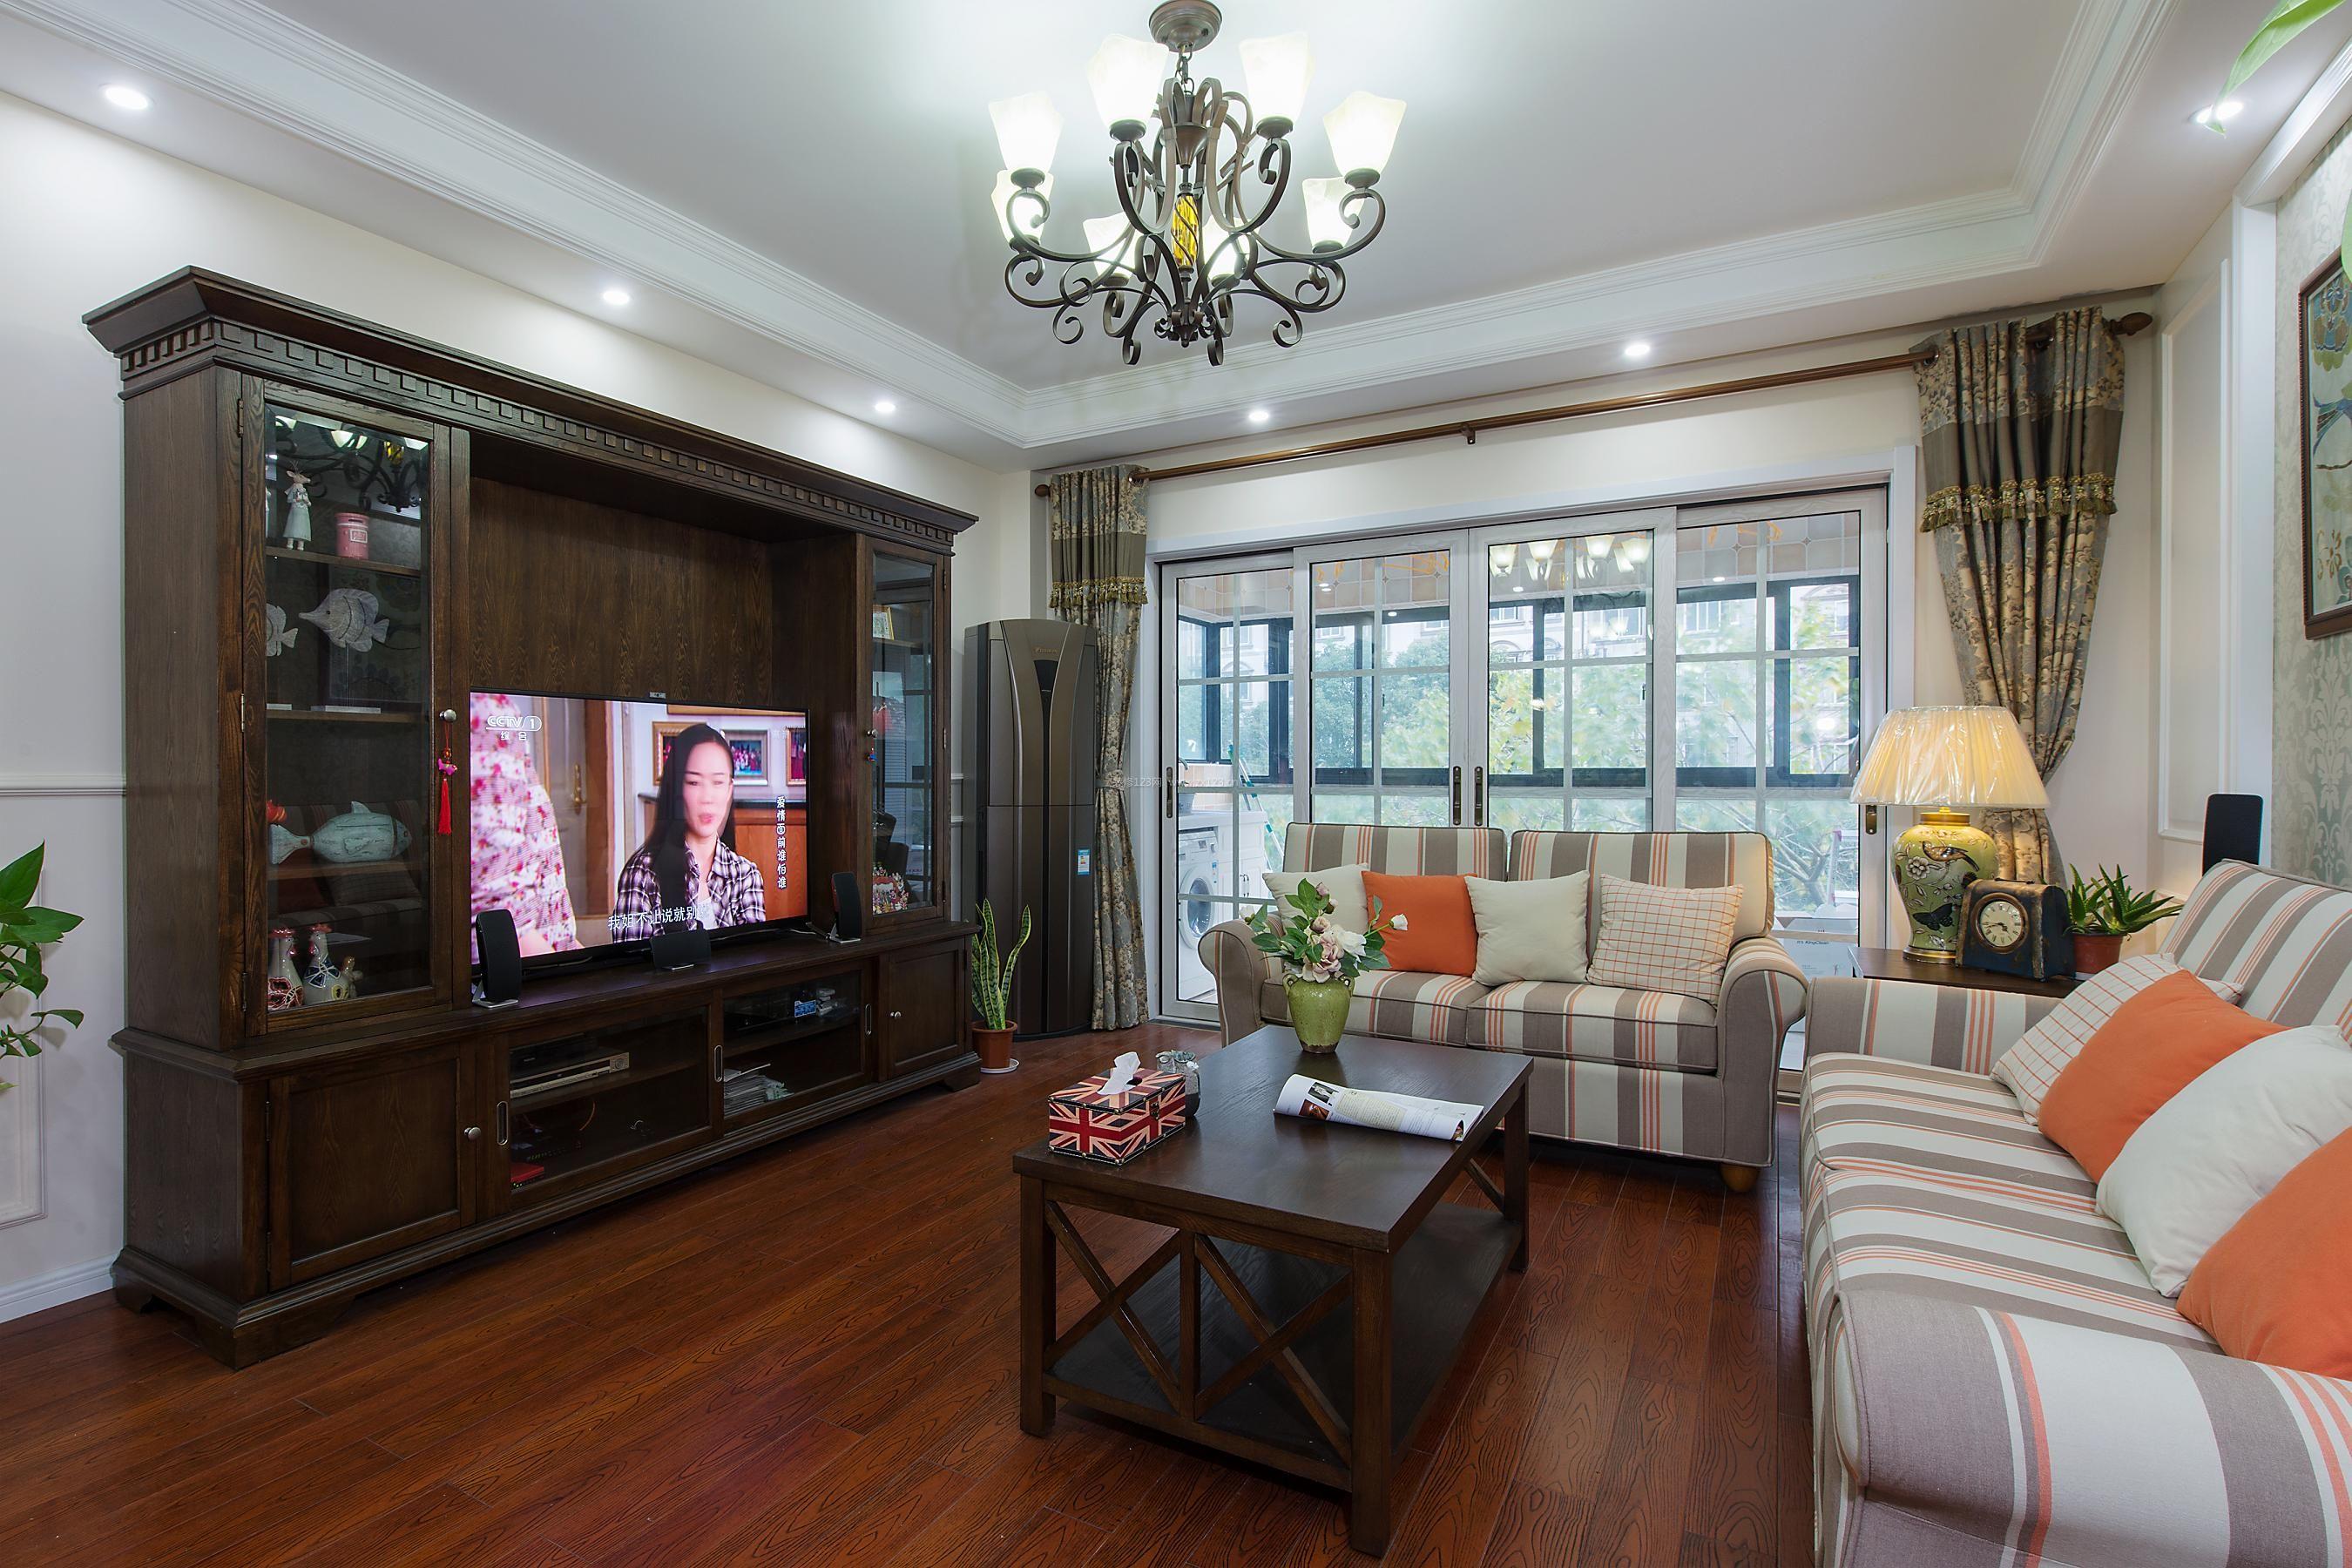 家装效果图 美式 美式乡村客厅电视柜设计装修效果图欣赏 提供者